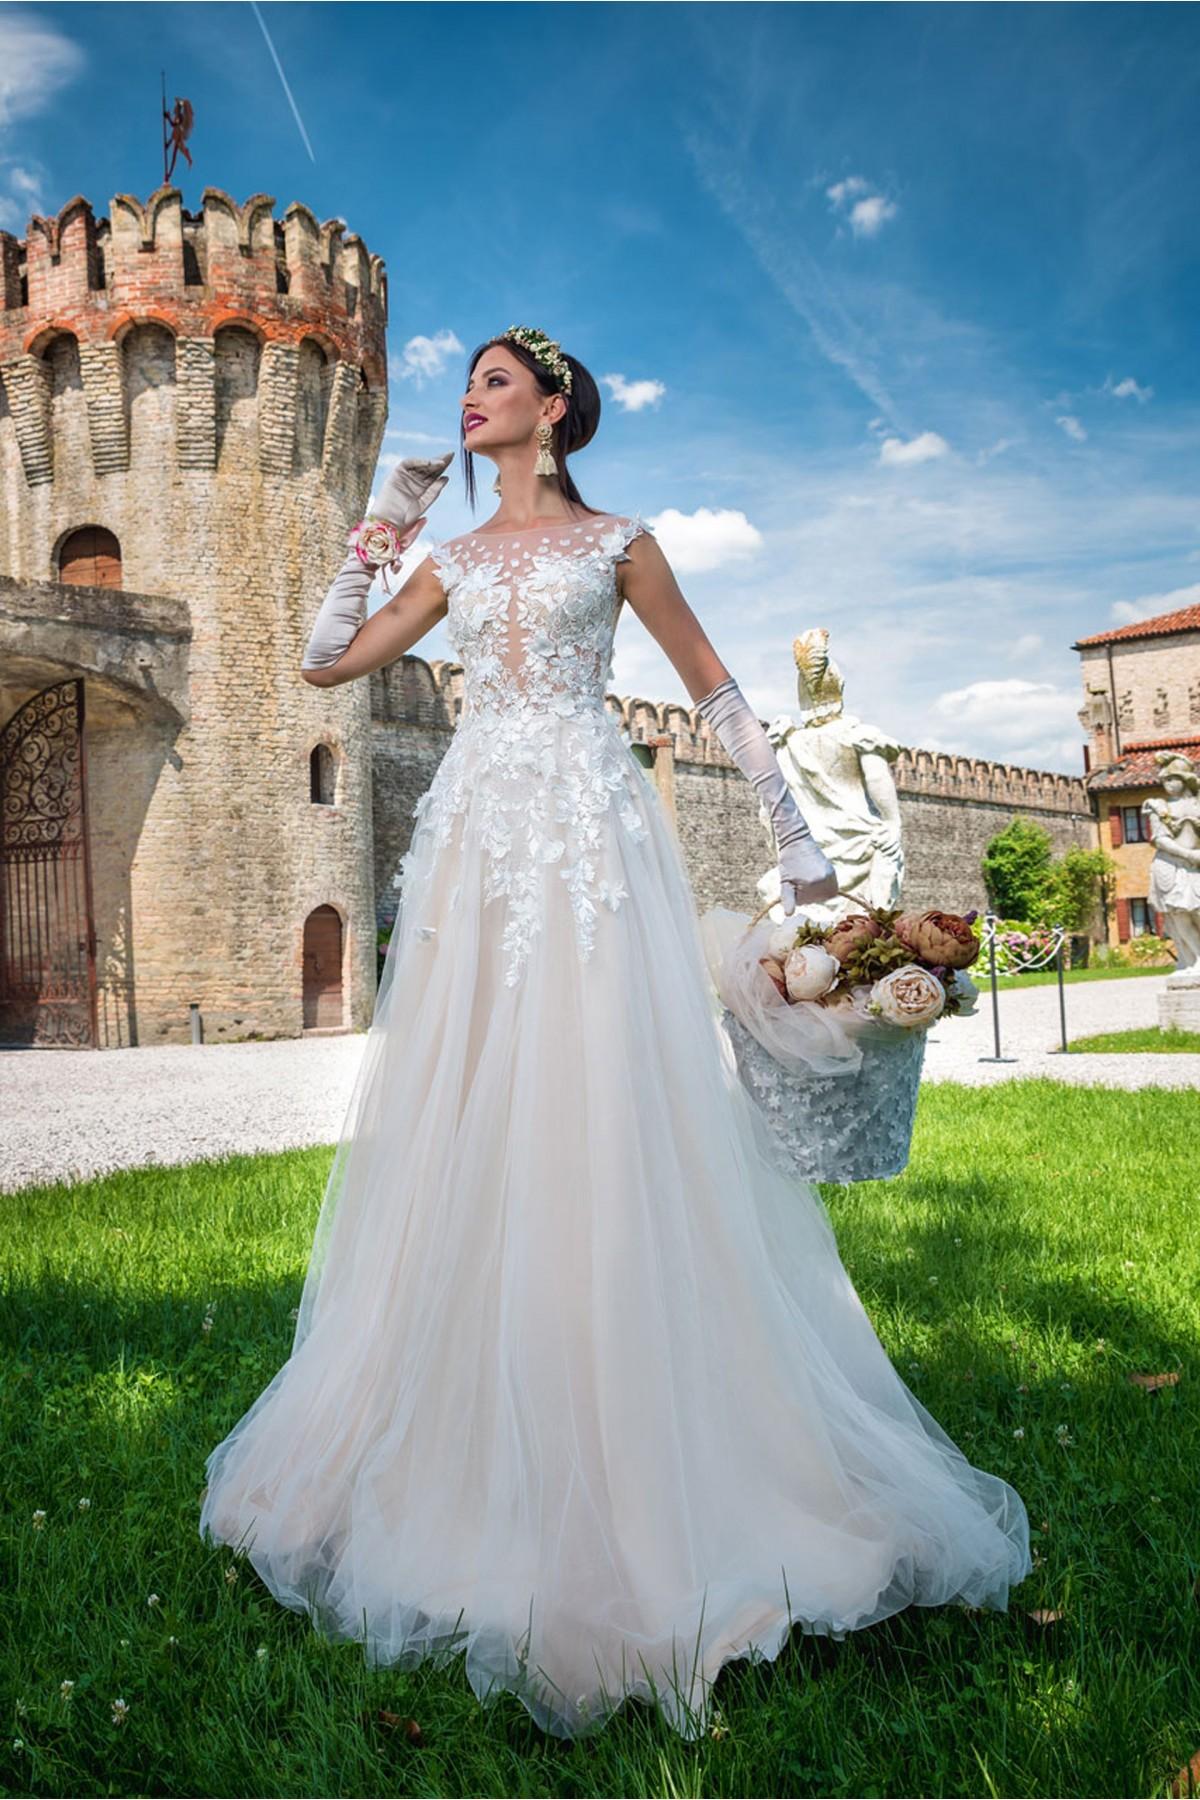 90e968021 Tento model môžete ihneď skúšať alebo zakúpiť vo veľkosti 38 v farbe ivory  vo Svadobnom centre EvaMária v Seredi na M.R. Štefánika 9. Svadobné šaty  Allegra ...